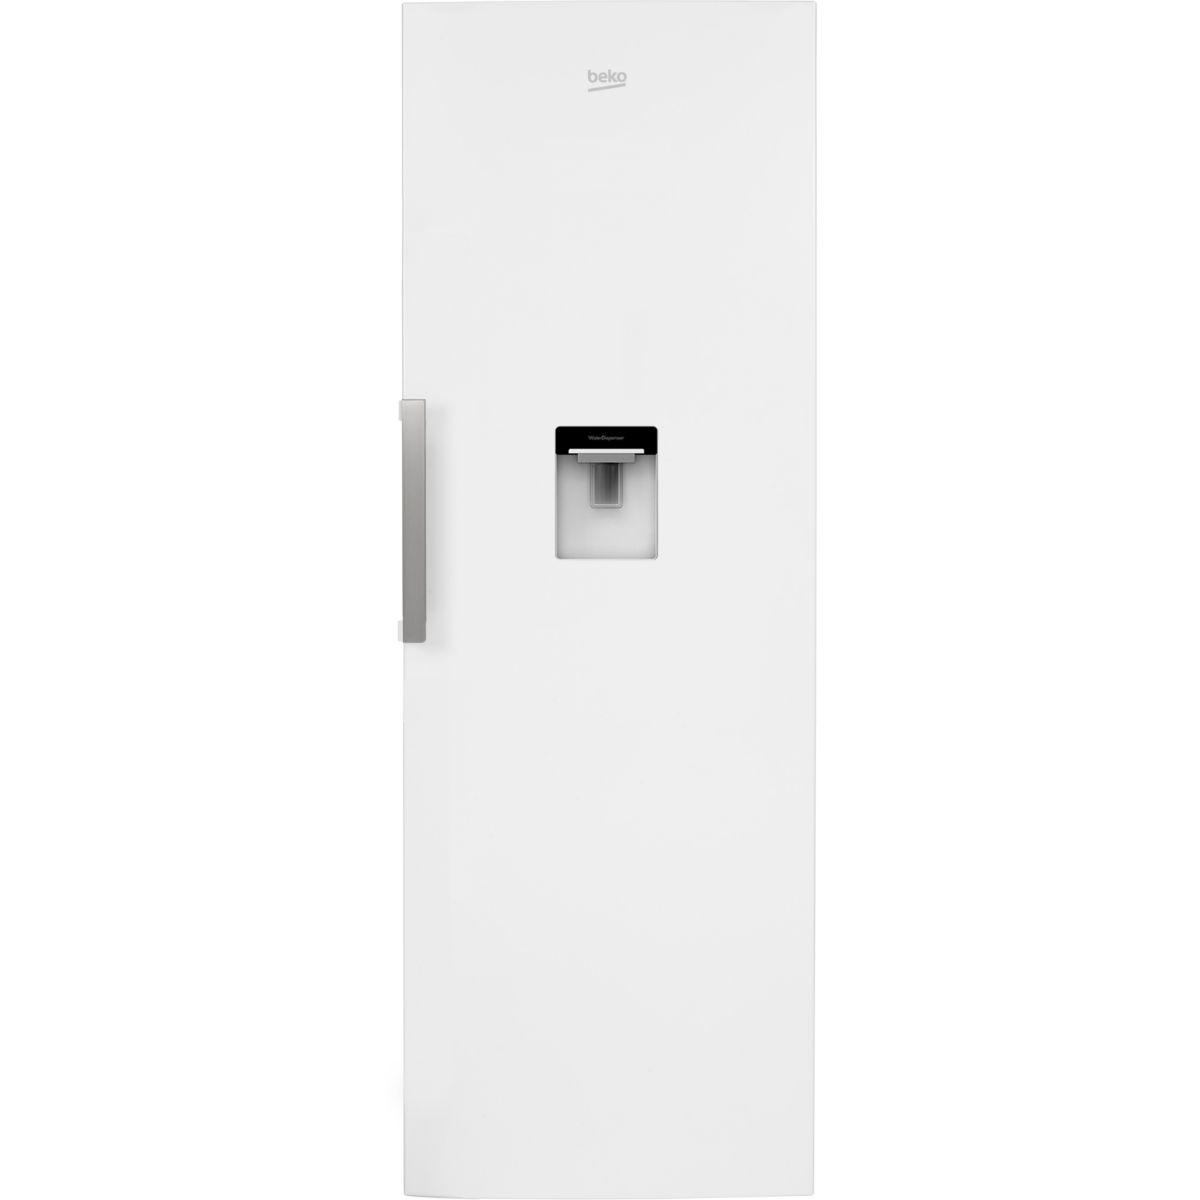 beko rsse415m23dw r frig rateur 1 porte avec. Black Bedroom Furniture Sets. Home Design Ideas